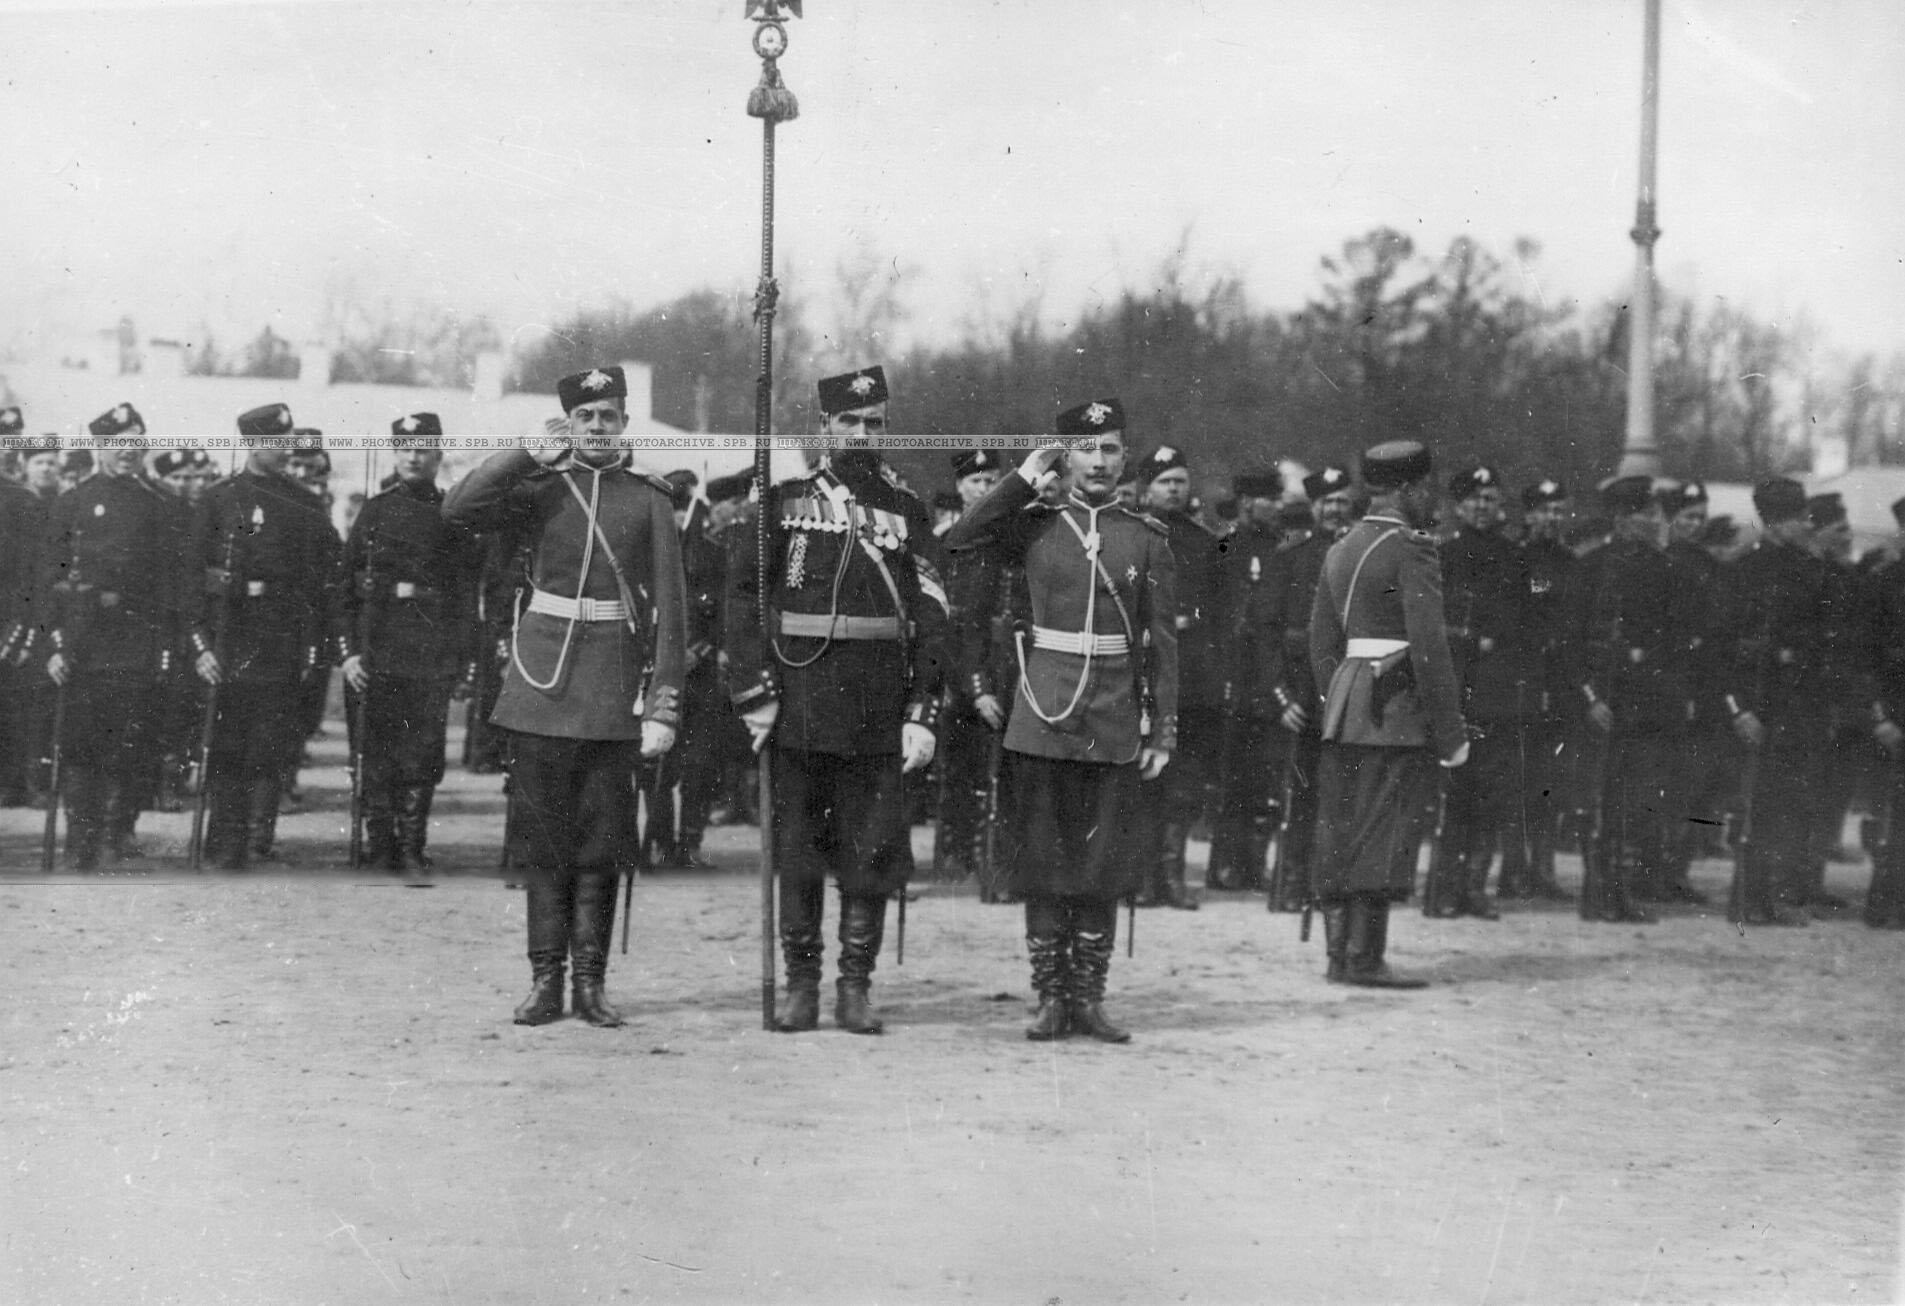 Вынос батальонного штандарта лейб-гвардии стрелковой бригады на параде в Царском Селе